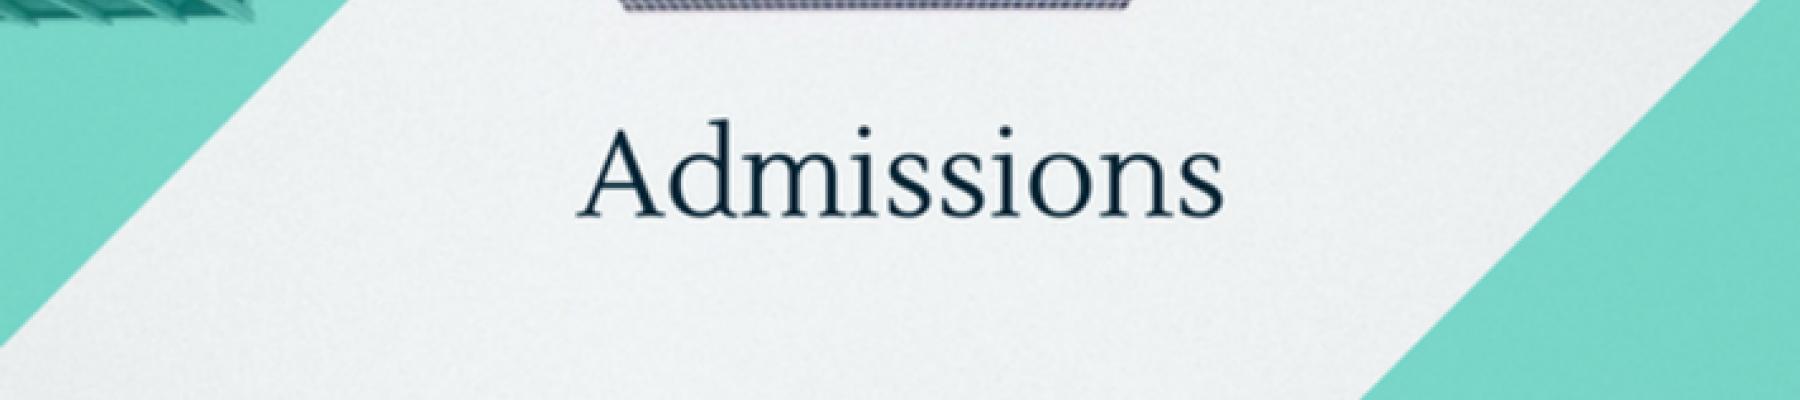 Procédure d'admission pour la rentrée 2018